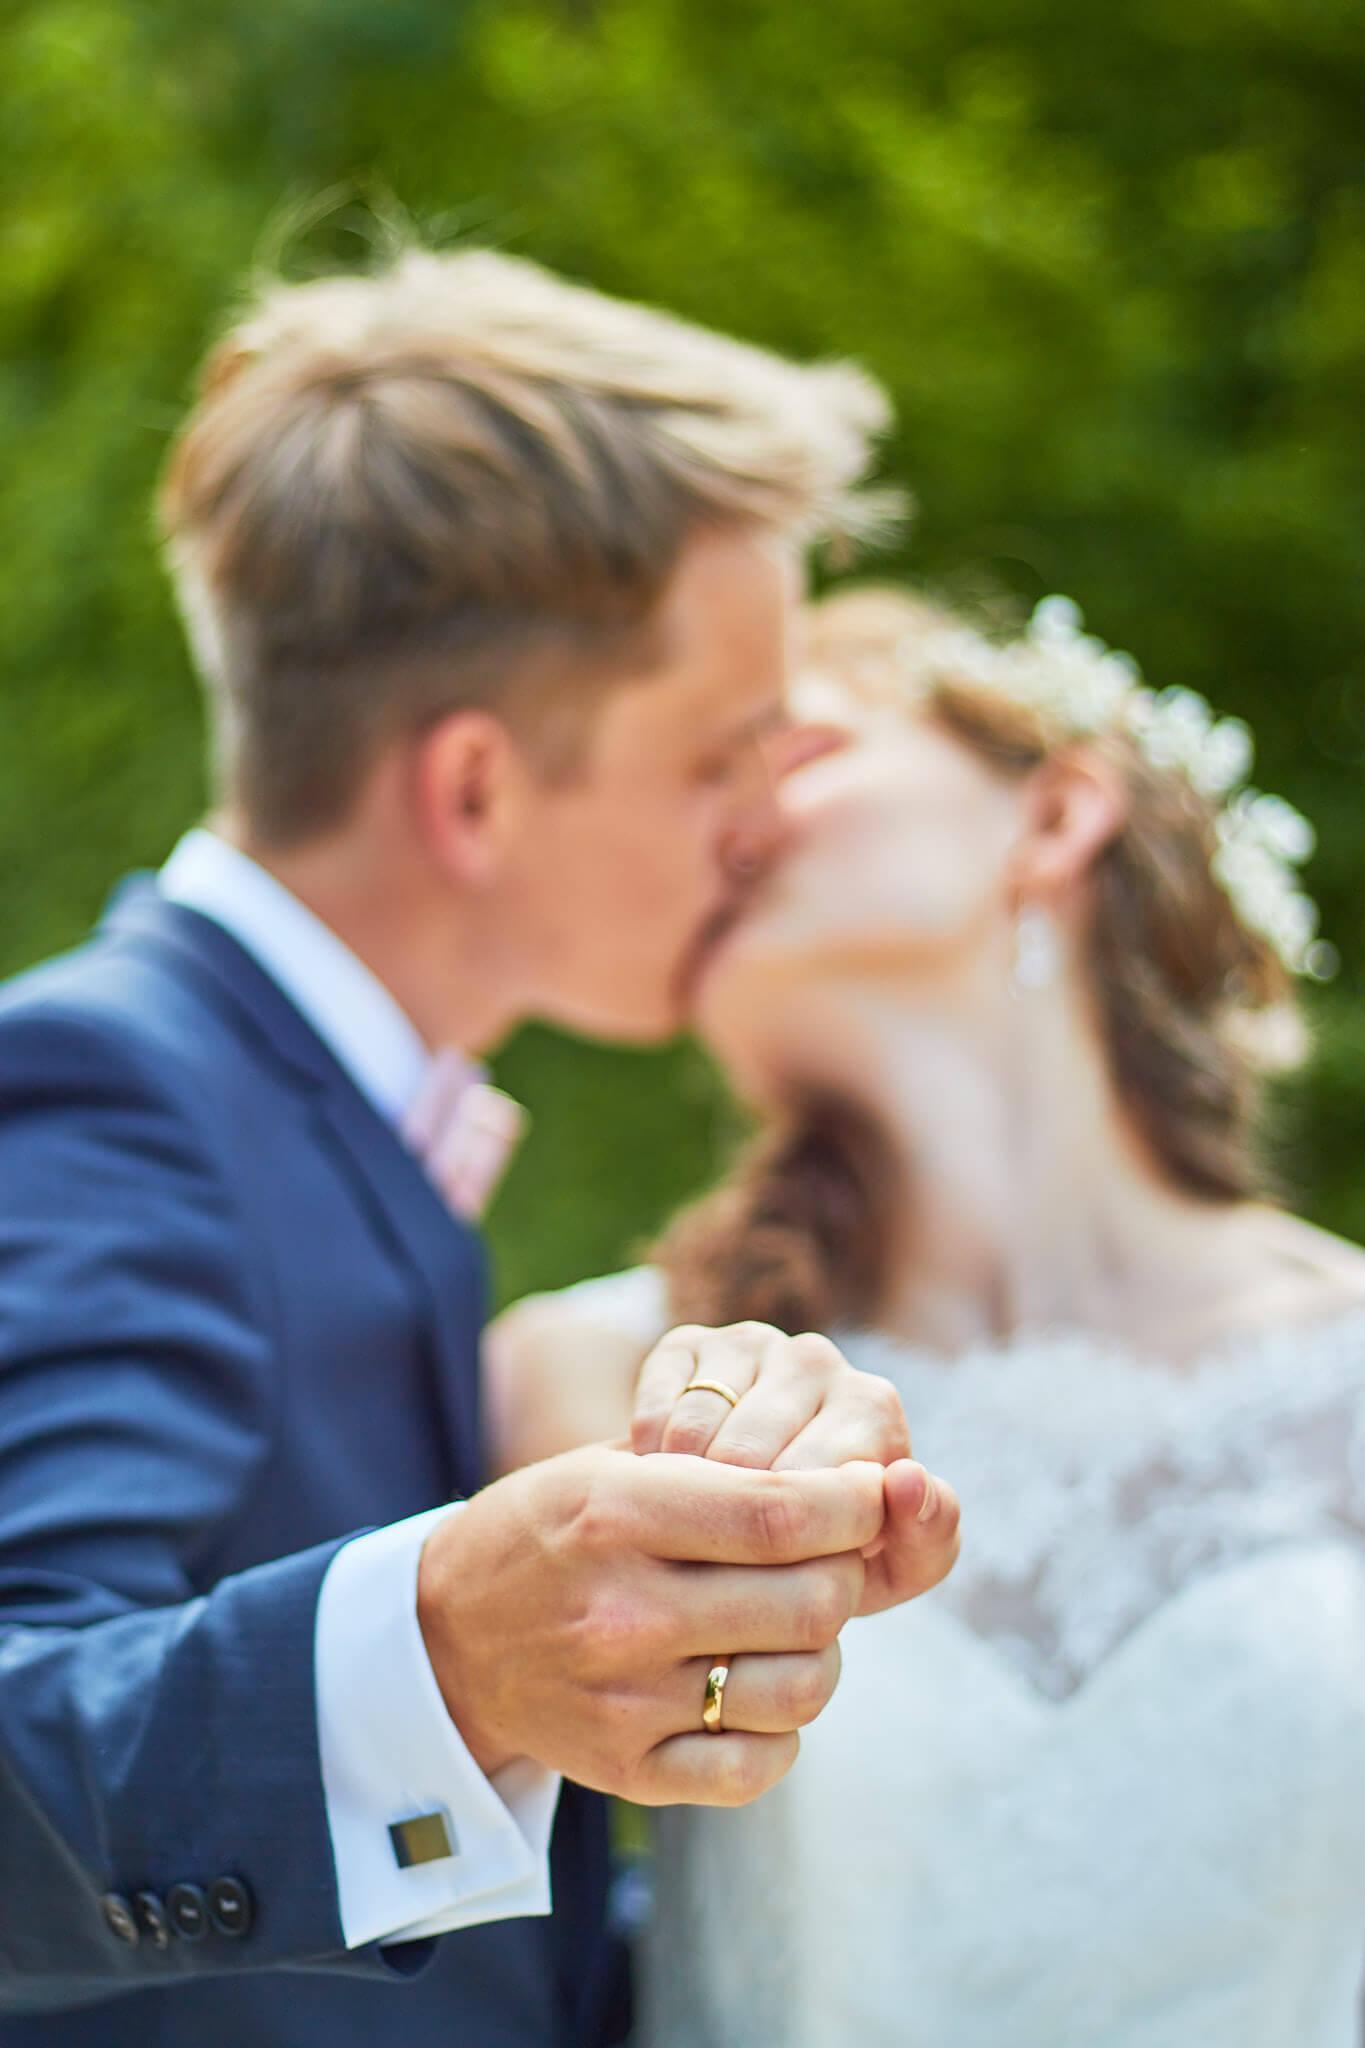 frisch verheiratetes Ehepaar küsst sich und hält Händchen